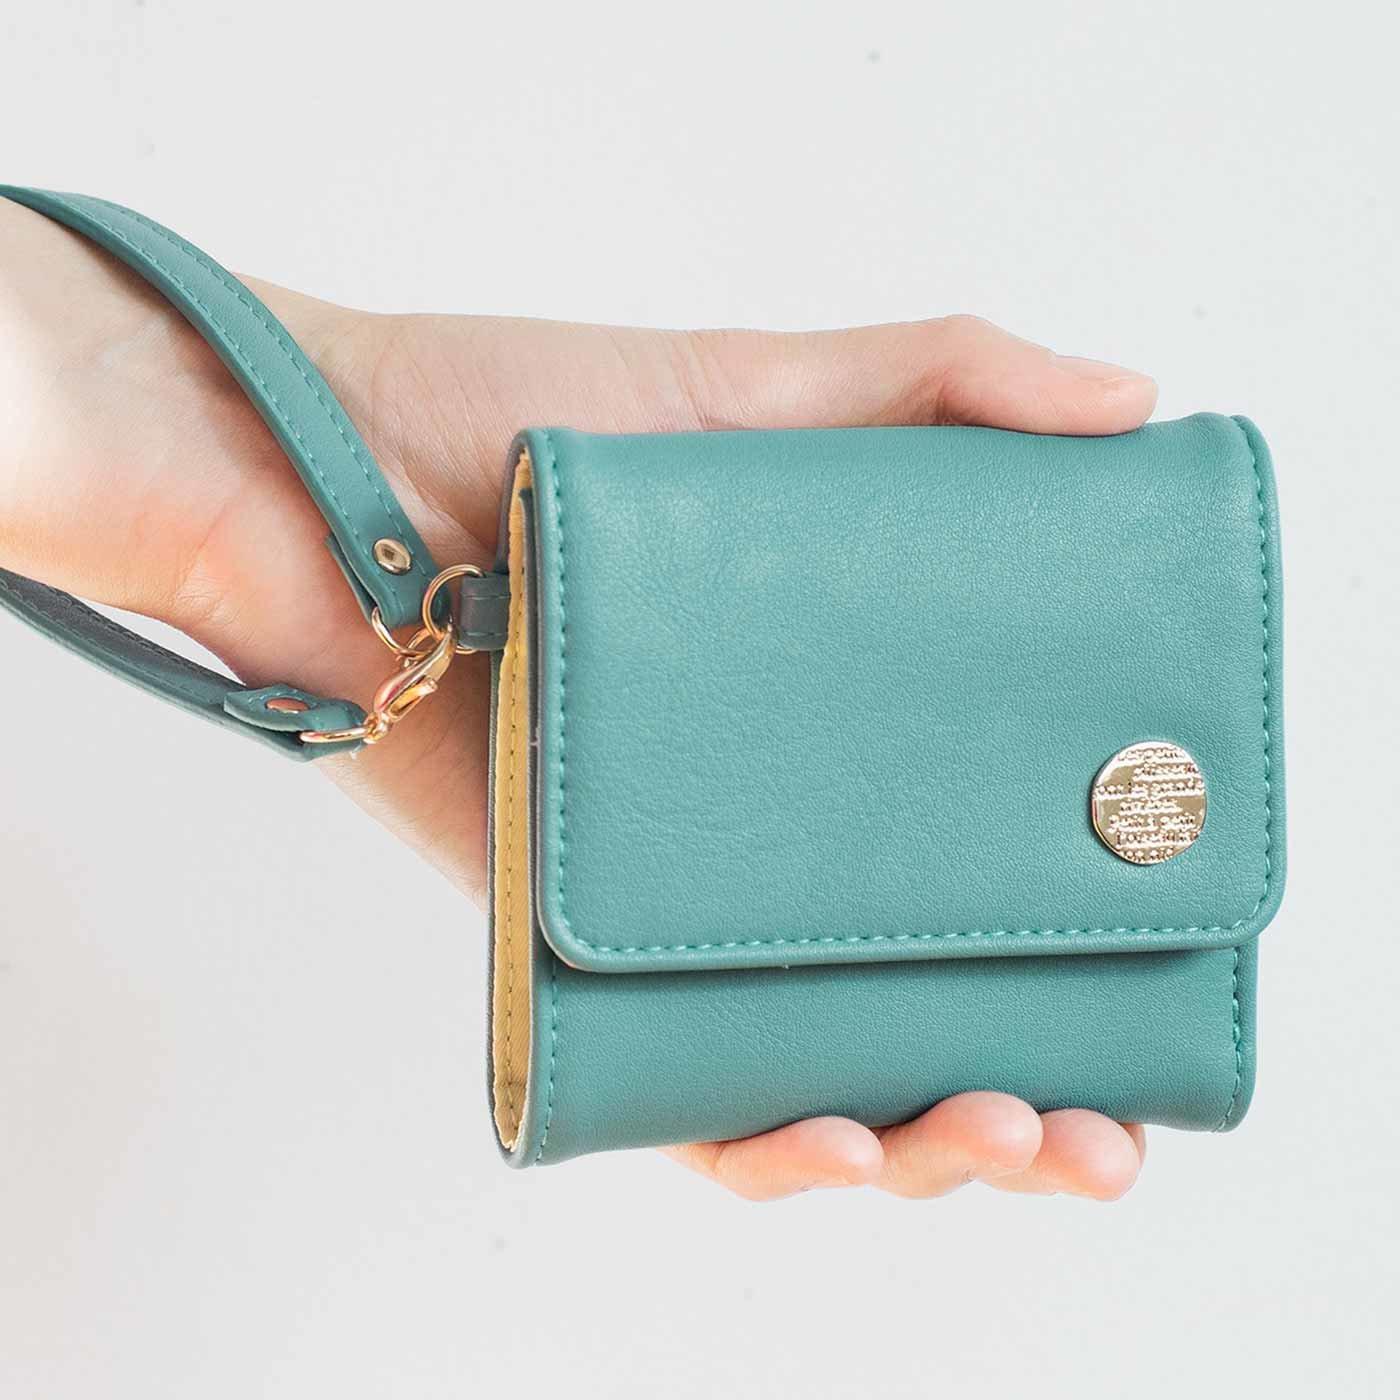 UP.de 幸運を呼ぶミントグリーン 大人かわいい手のり財布